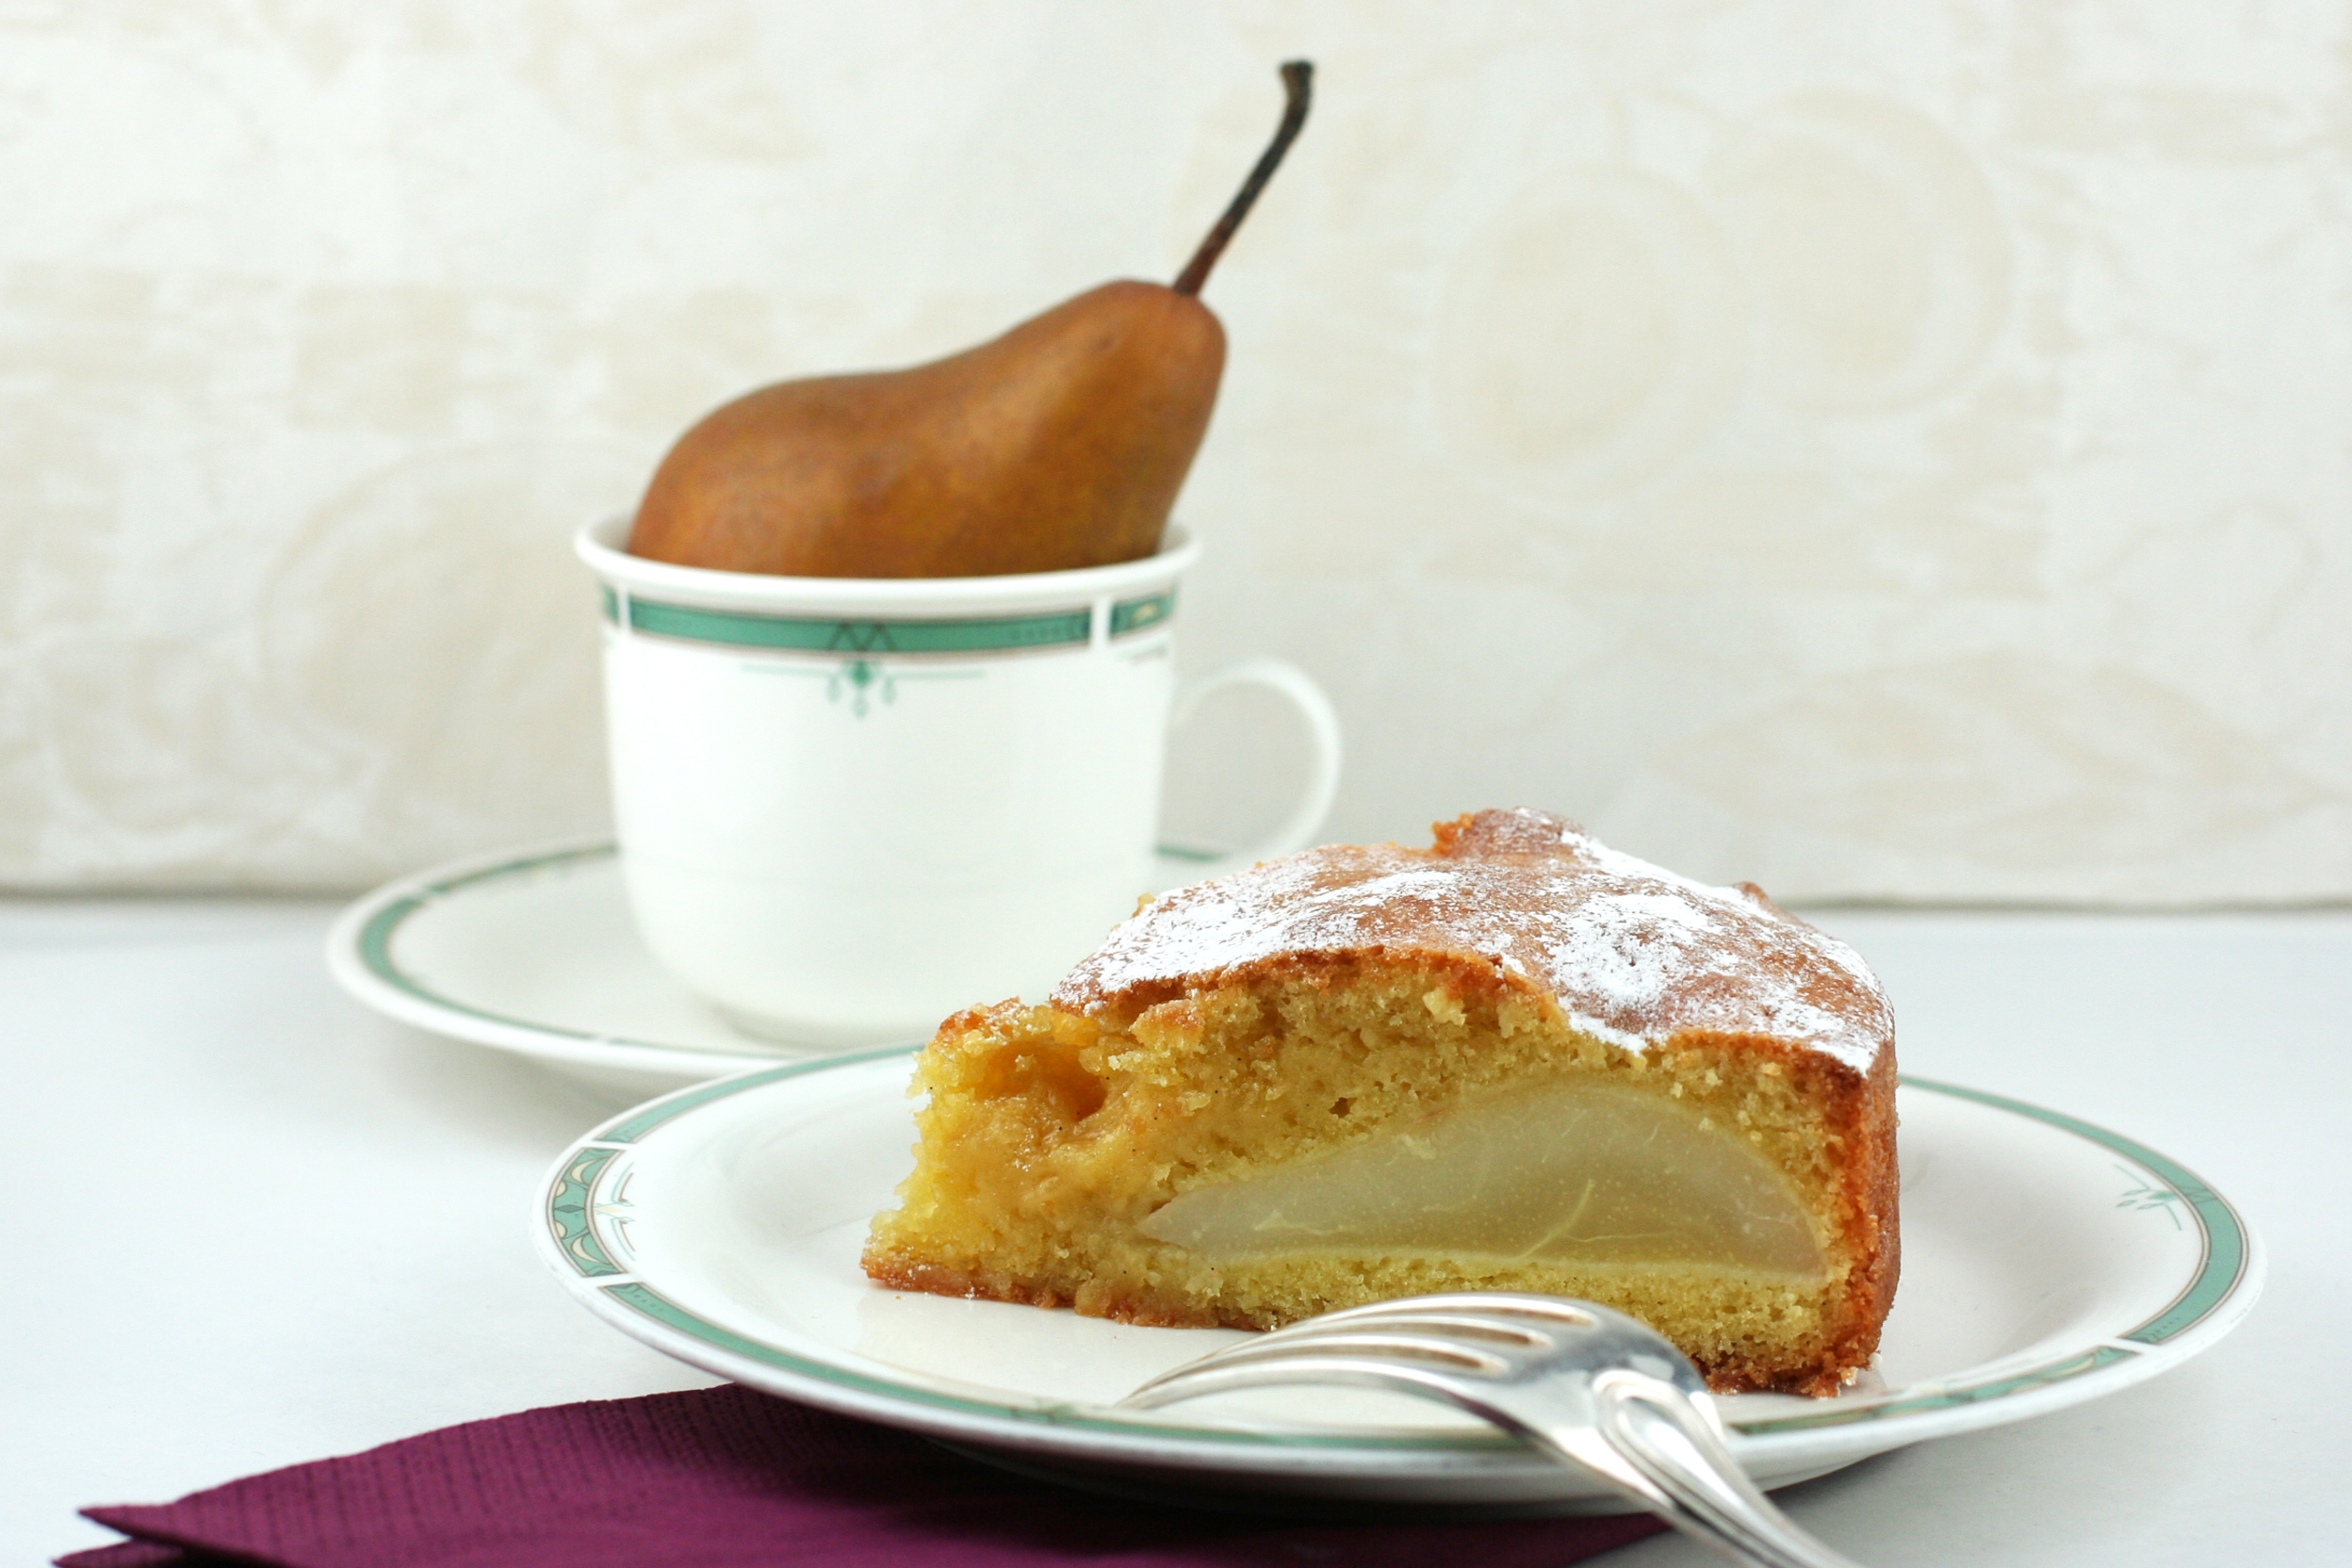 Gâteau fondant poires et vanille - delimoon.com